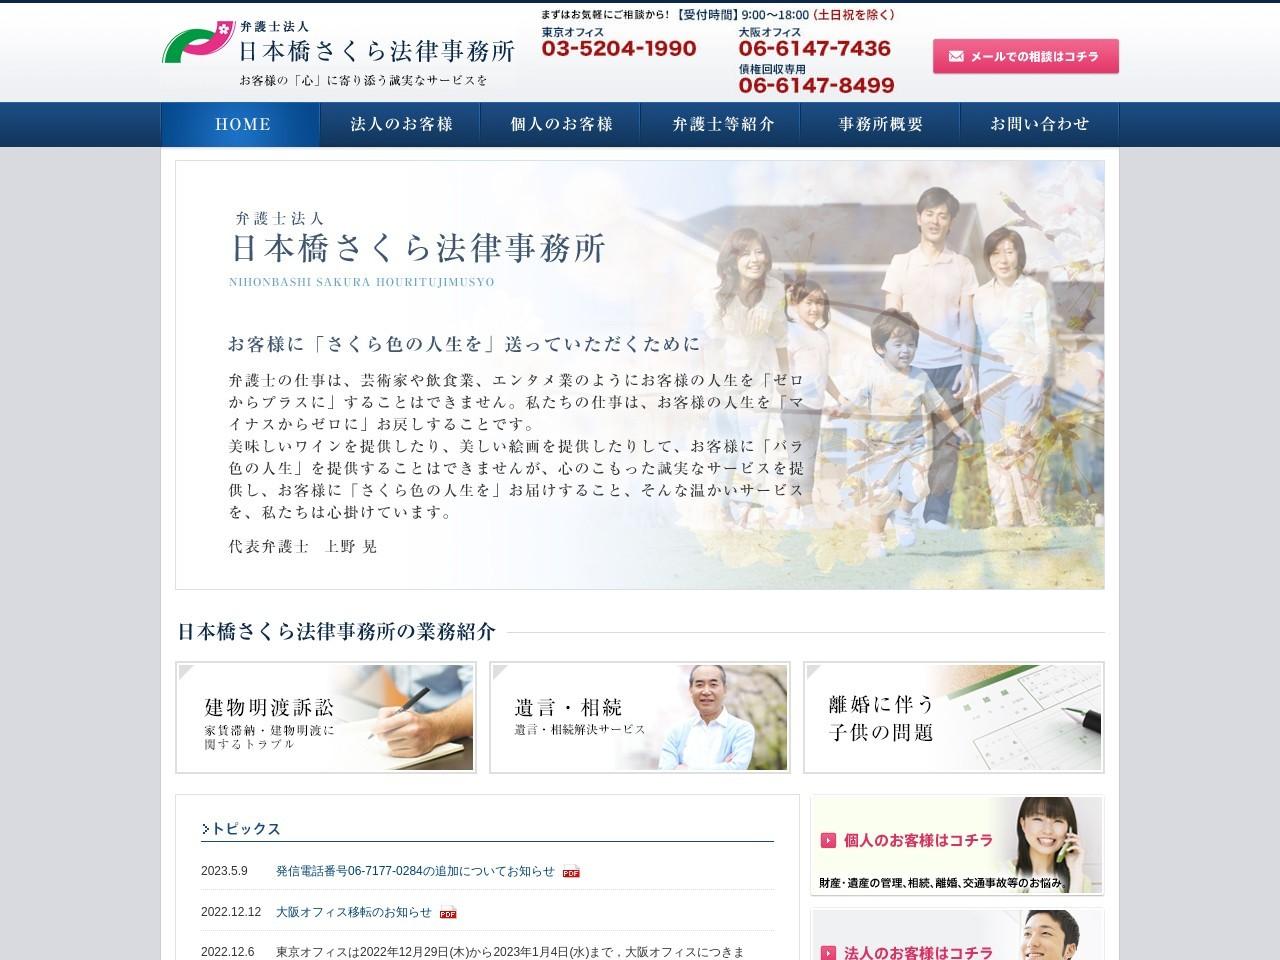 日本橋さくら法律事務所(弁護士法人)大阪オフィス